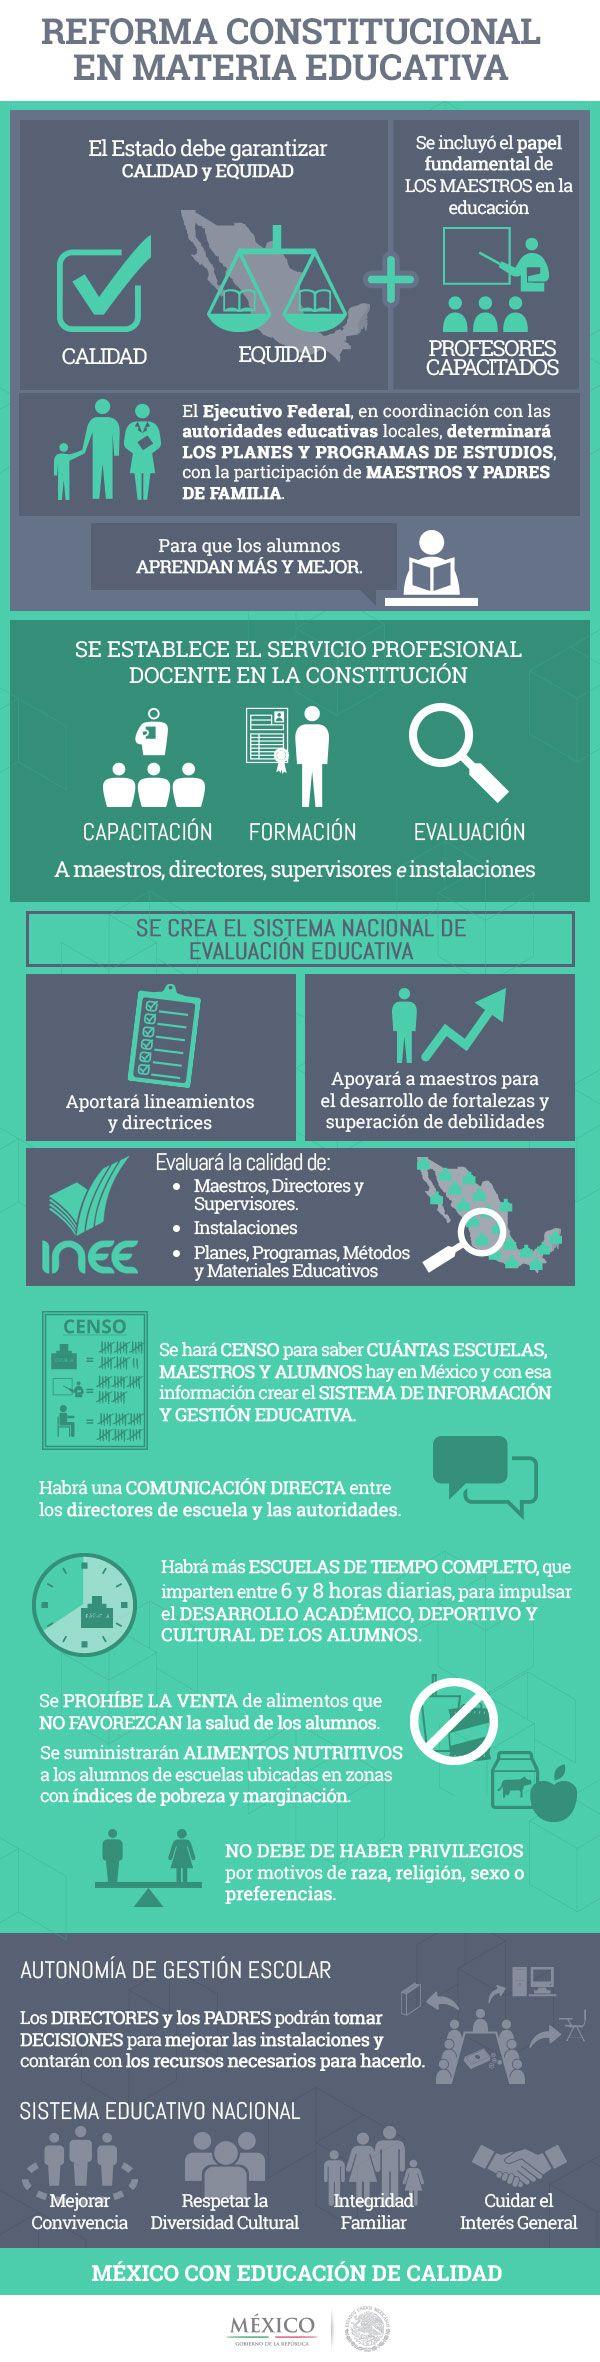 En beneficio de todos los mexicanos, el Congreso de la Unión aprobó y el Presidente promulgó las tres iniciativas que dan contenido a la Reforma Constitucional en materia Educativa: la reforma a la Ley General de Educación, la creación de la Ley del Instituto Nacional para la Evaluación de la Educación y la creación de la Ley General del Servicio Profesional Docente.